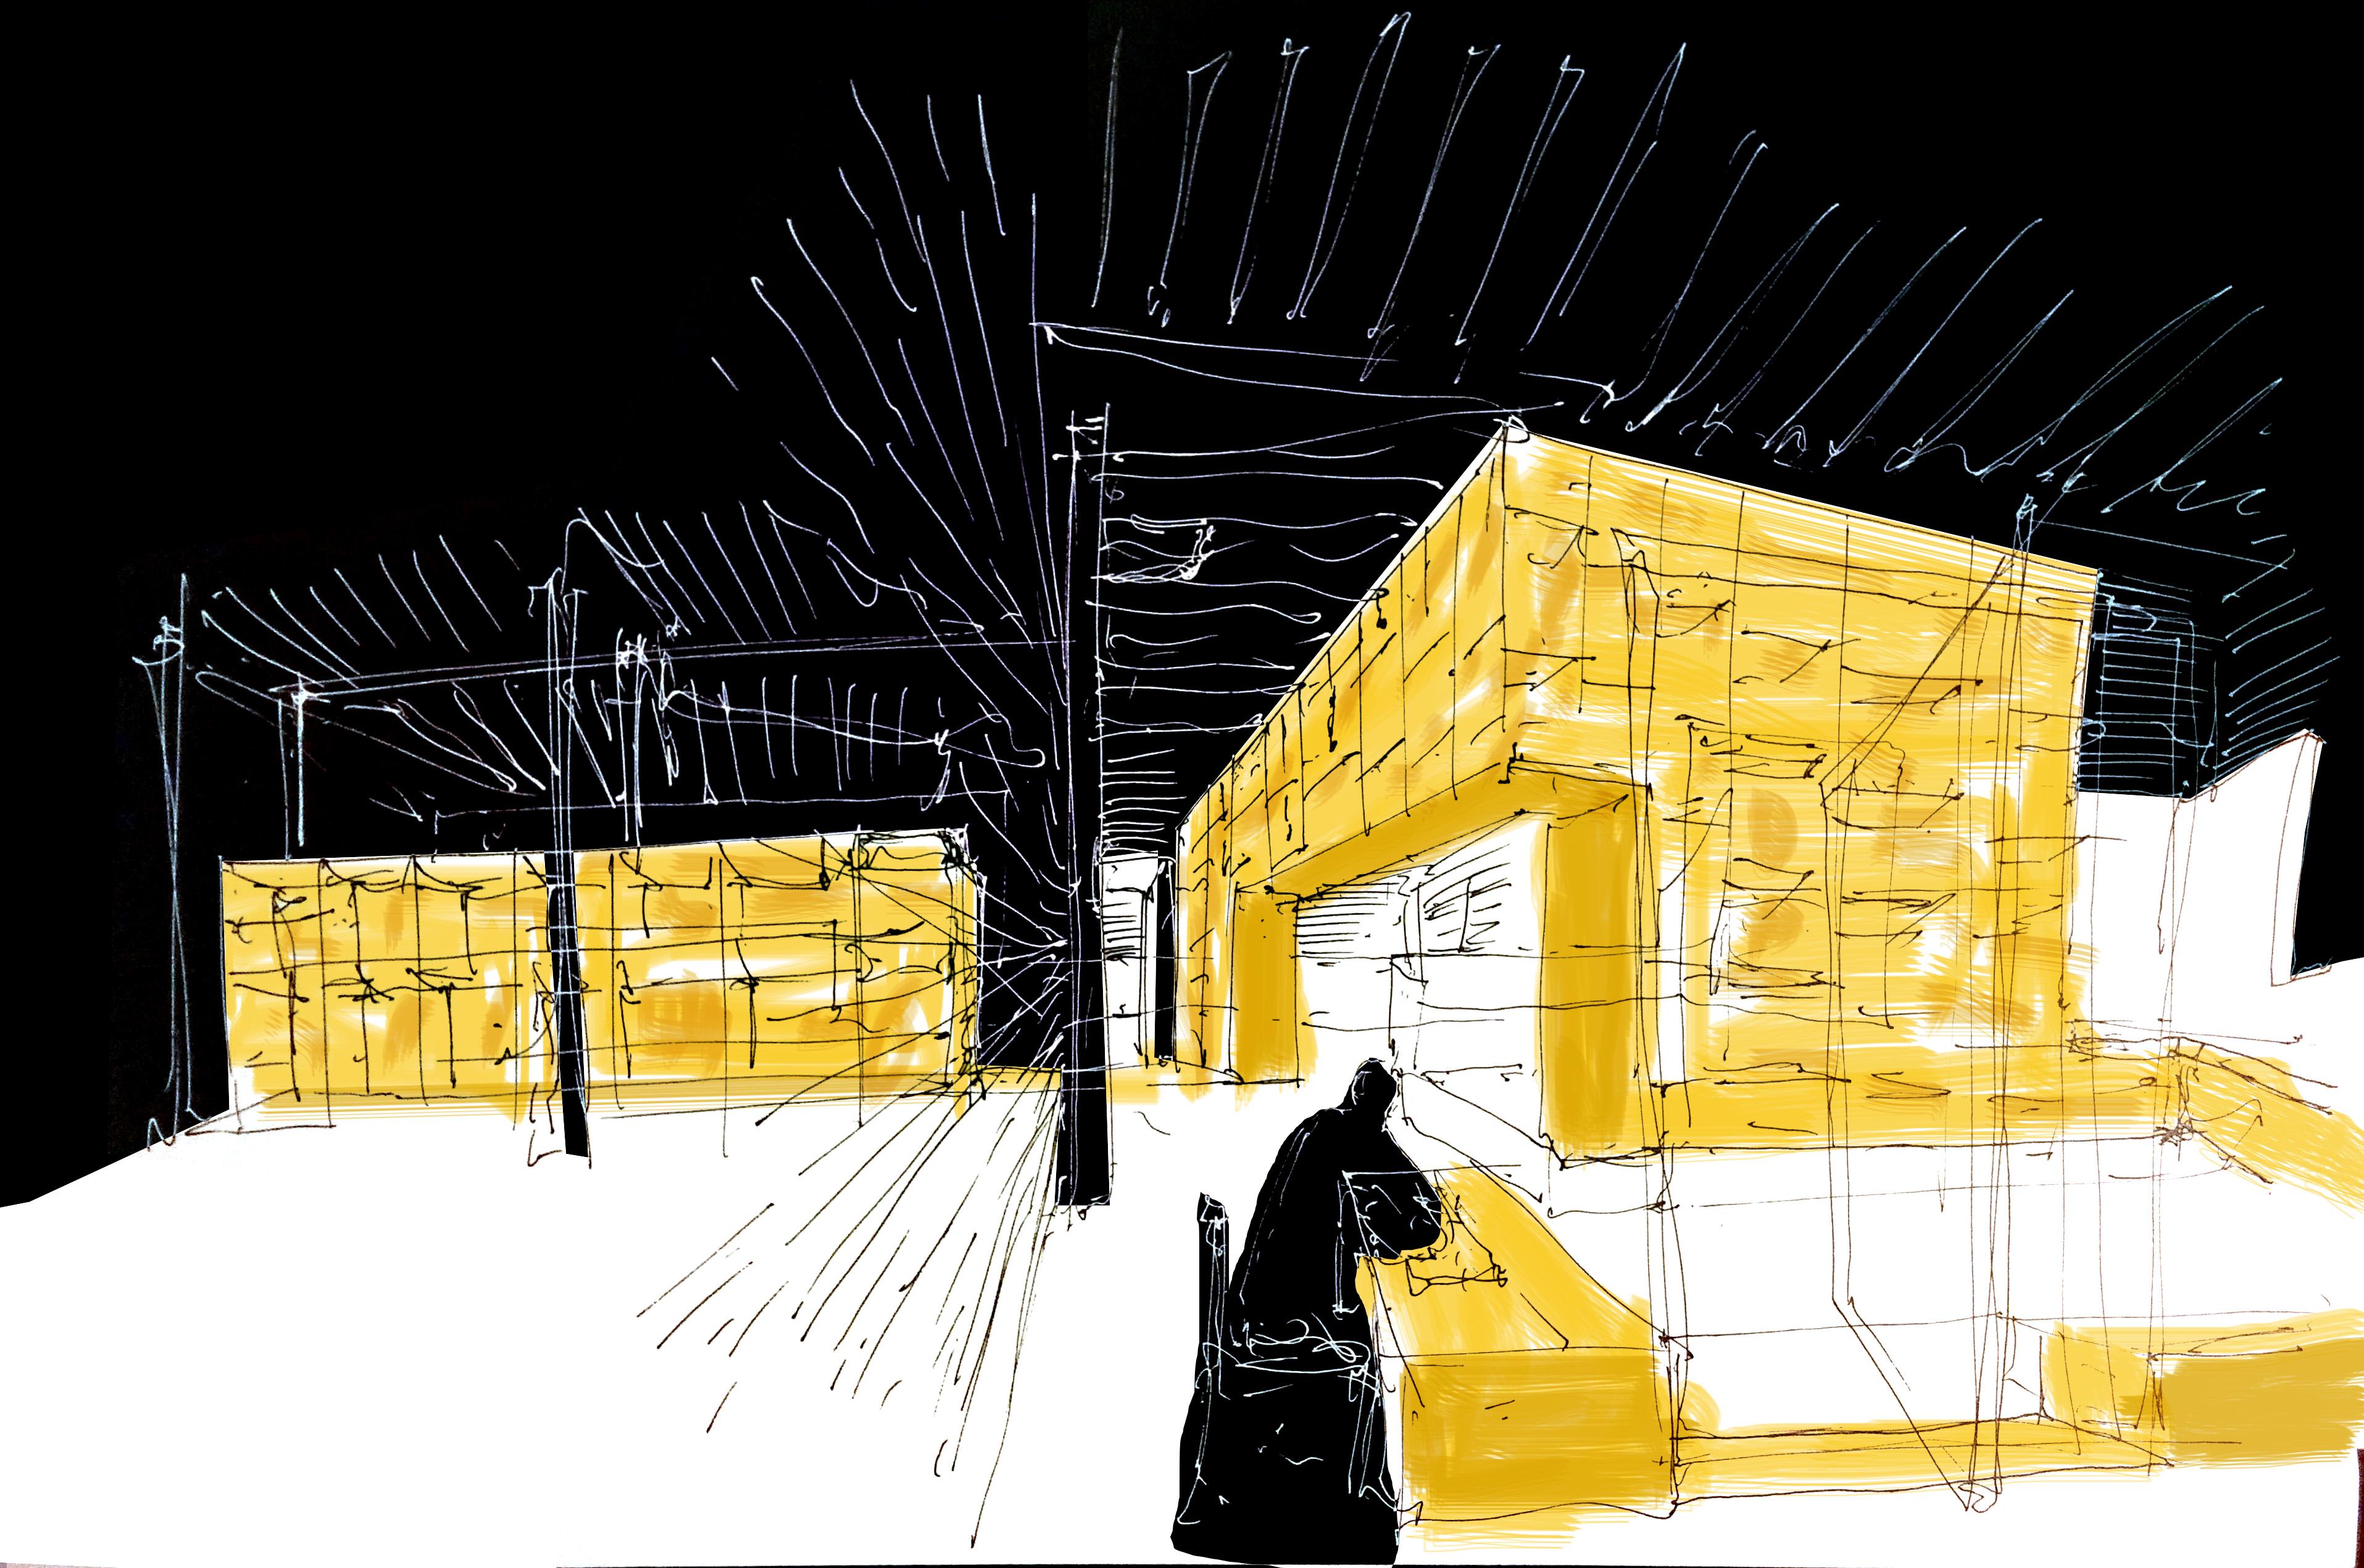 Proyectos de cuac arquitectura profesional de la - Cuac arquitectura ...